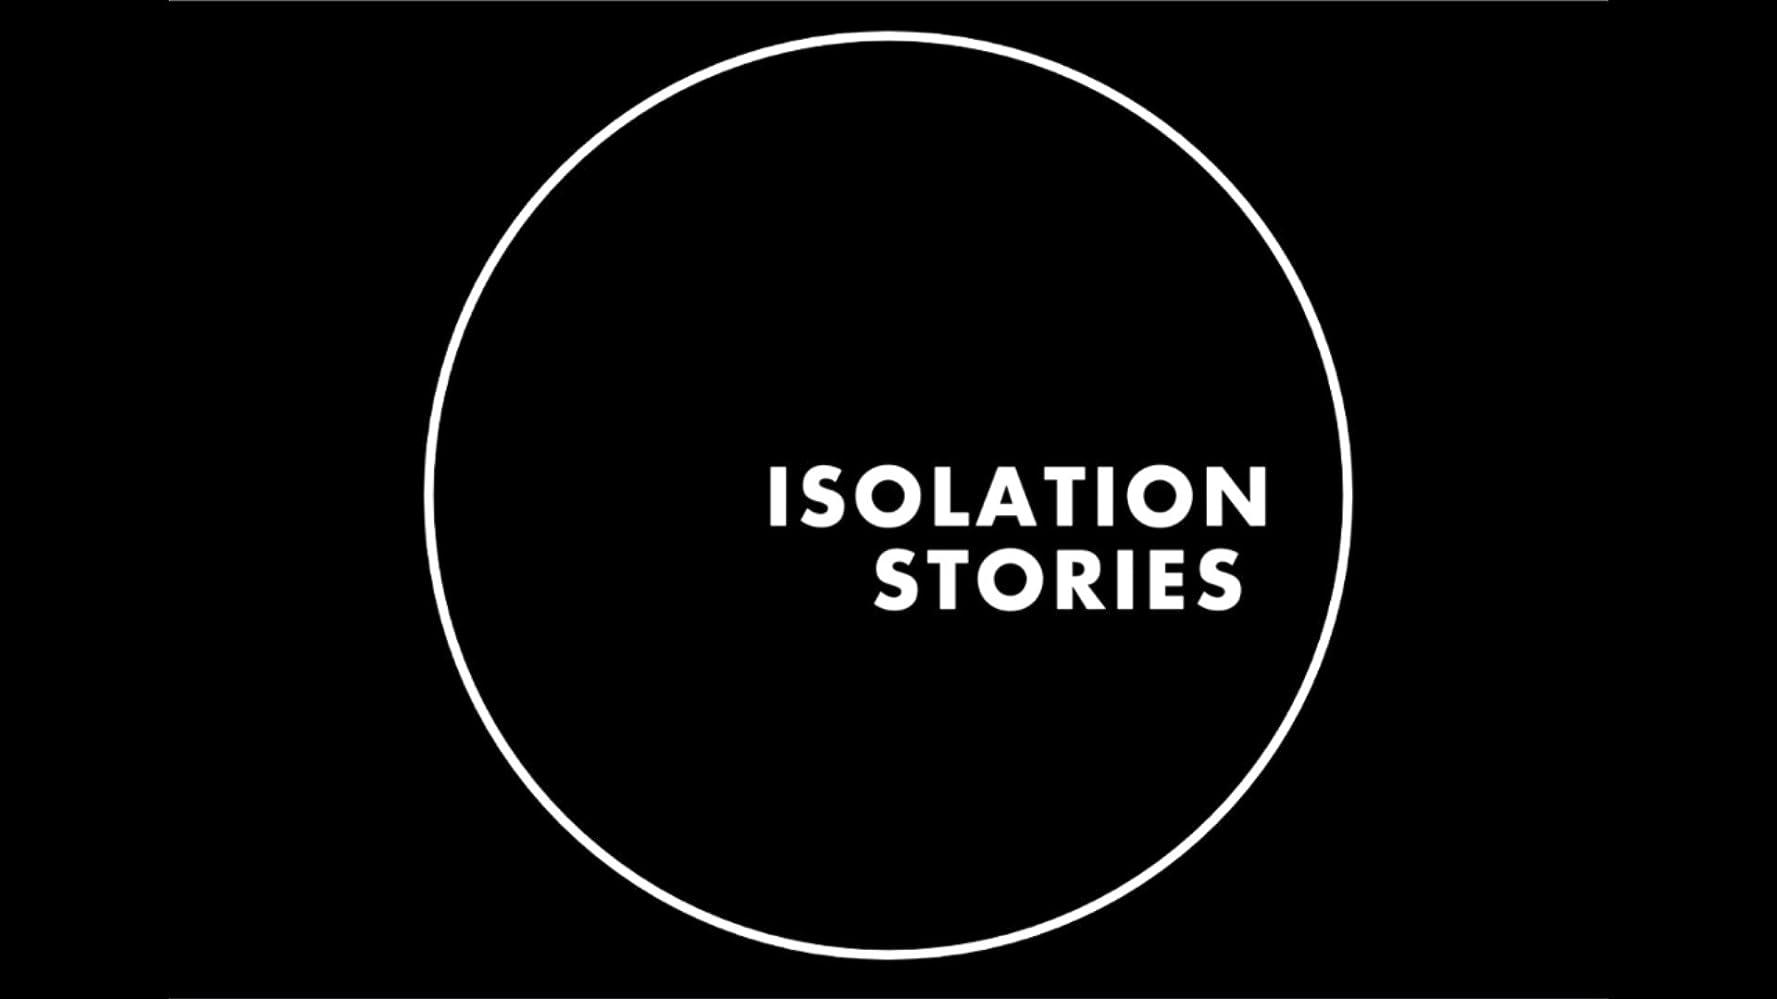 Истории на изоляции (2020) сериал 1 сезон, 1-4 серия